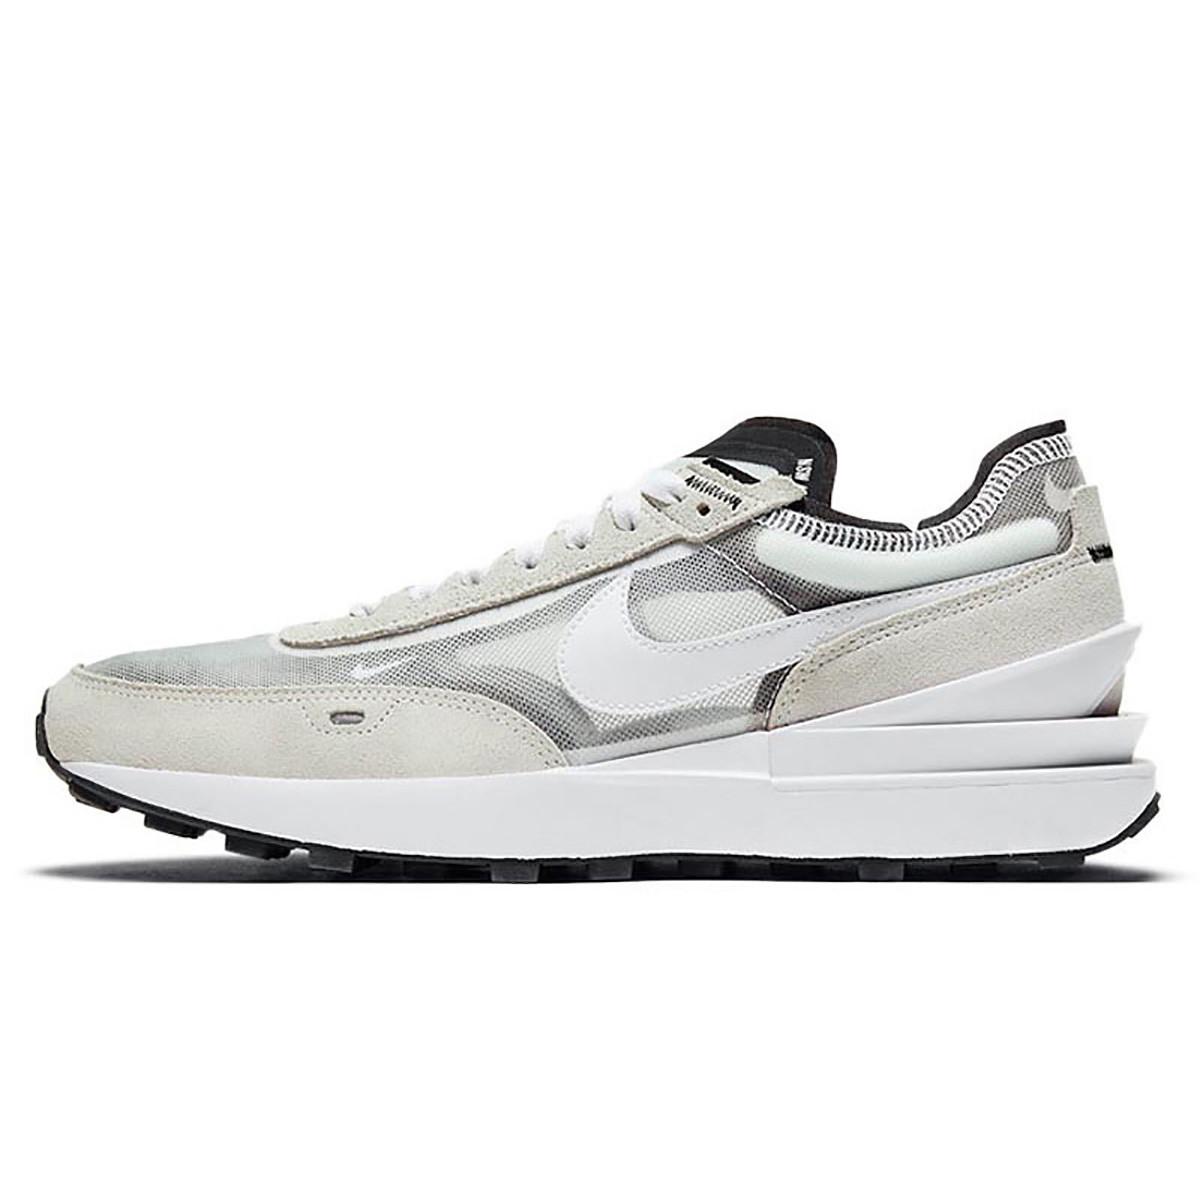 NIKE 耐克 21夏新款男子WAFFLE ONE经典透气舒适运动休闲鞋